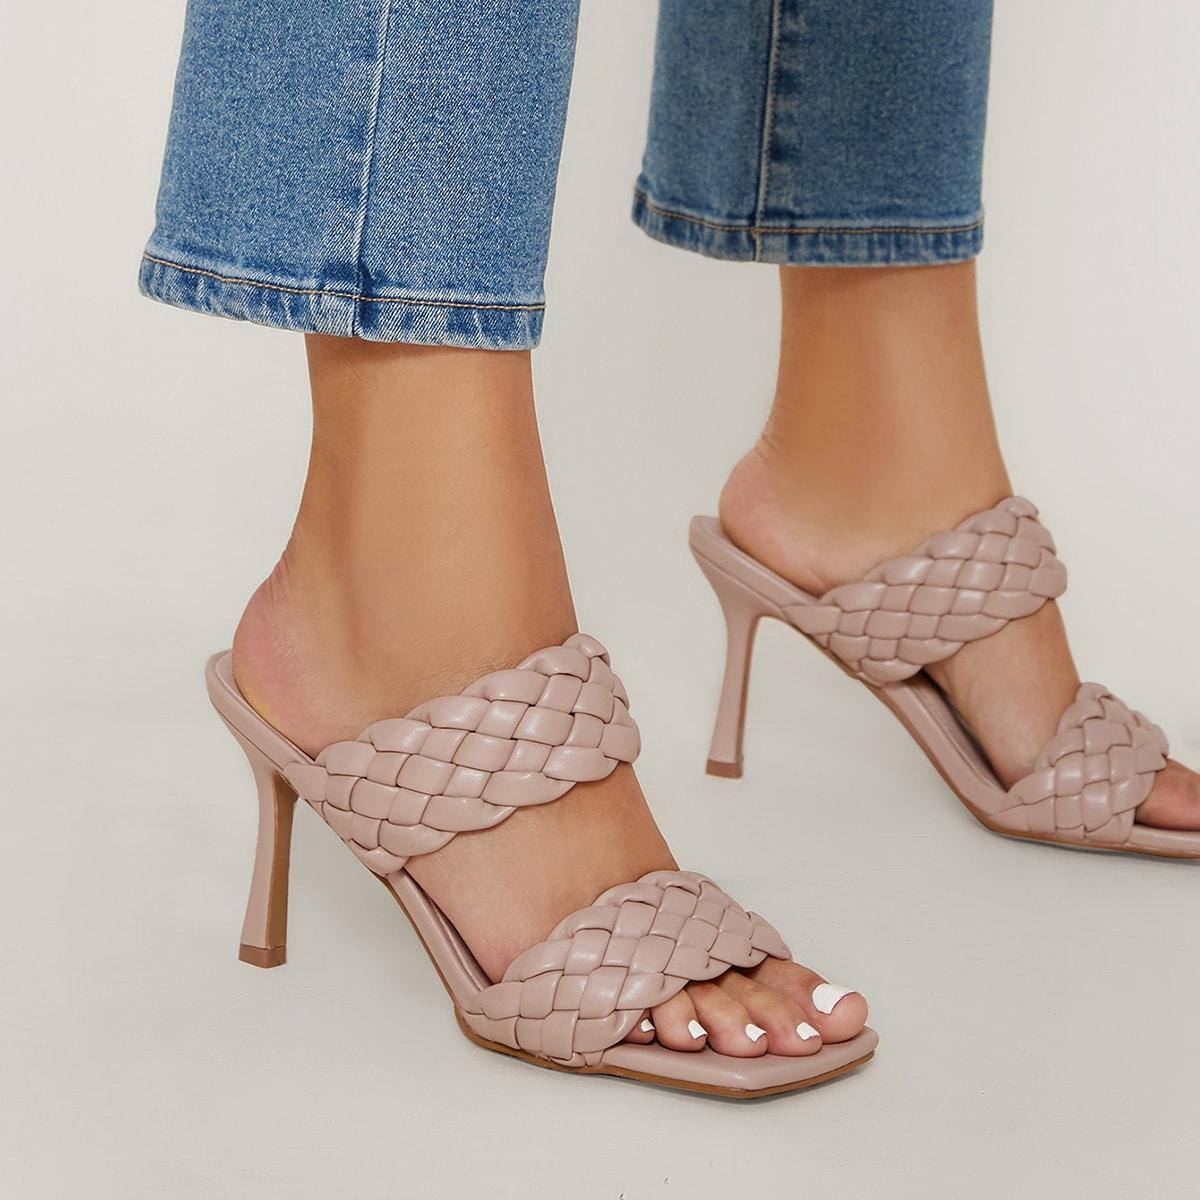 Плетеные туфли на шпильках